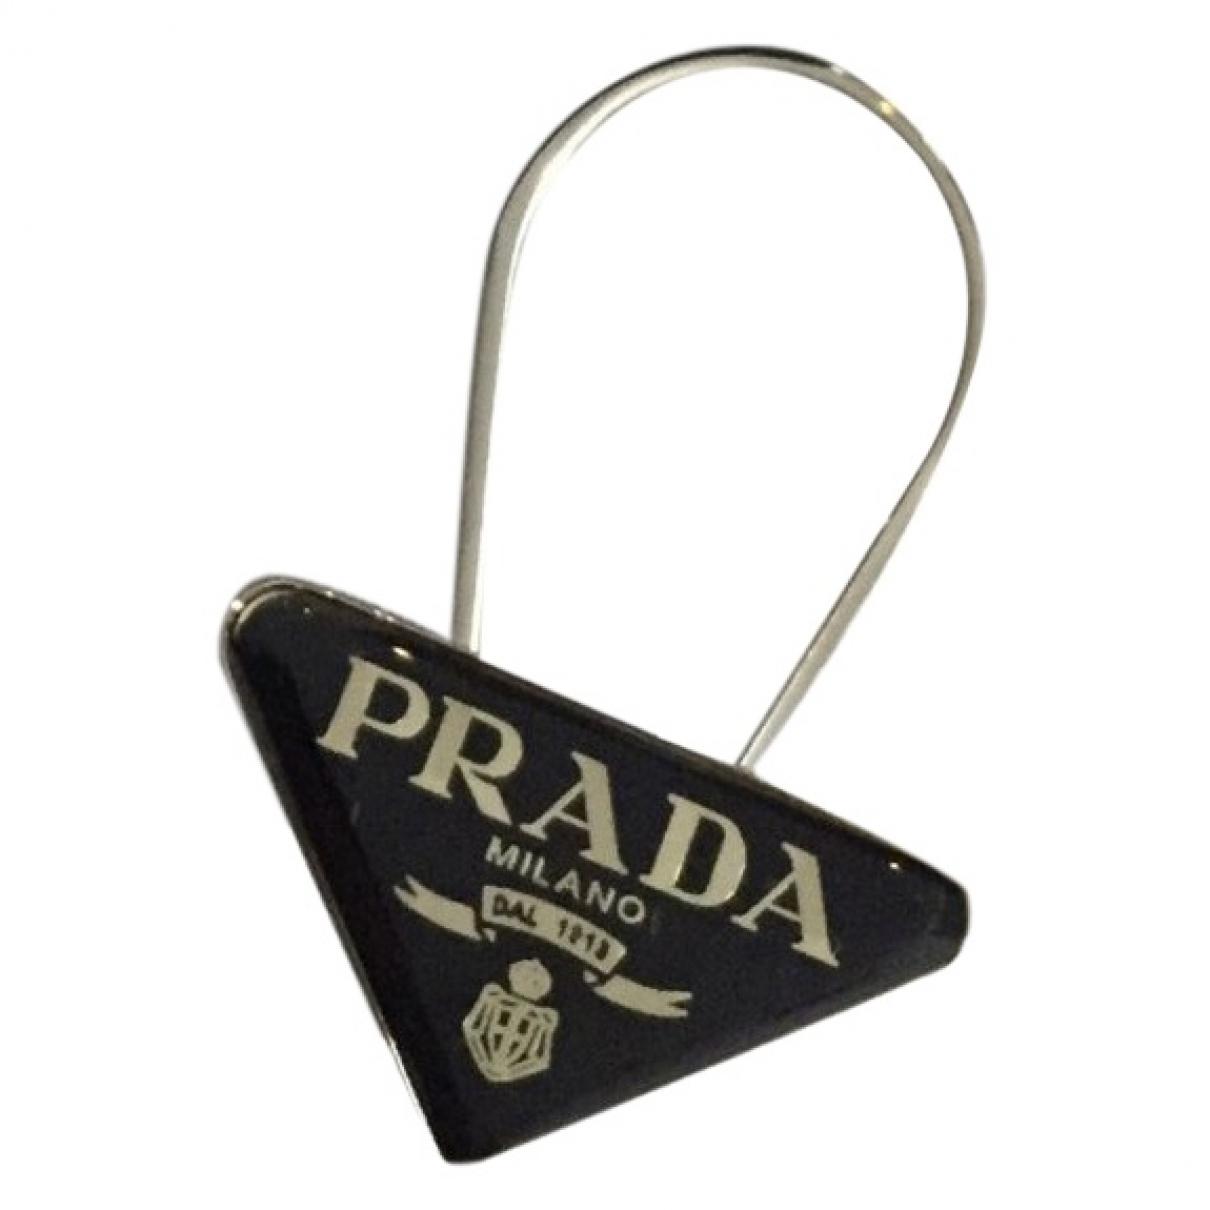 Prada - Petite maroquinerie   pour homme en metal - noir